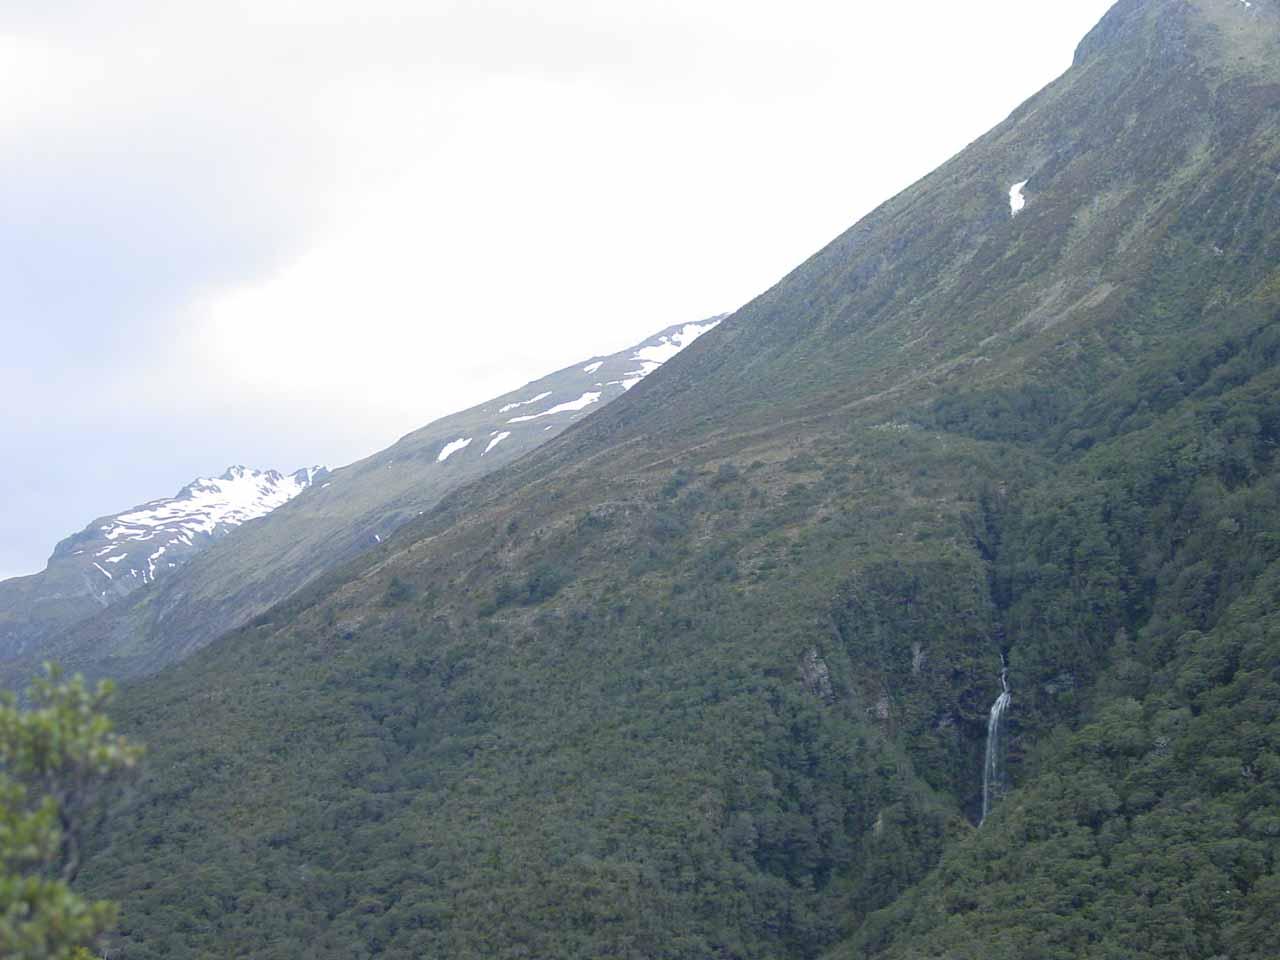 Contextual look towards Bridal Veil Falls from Scott's Track